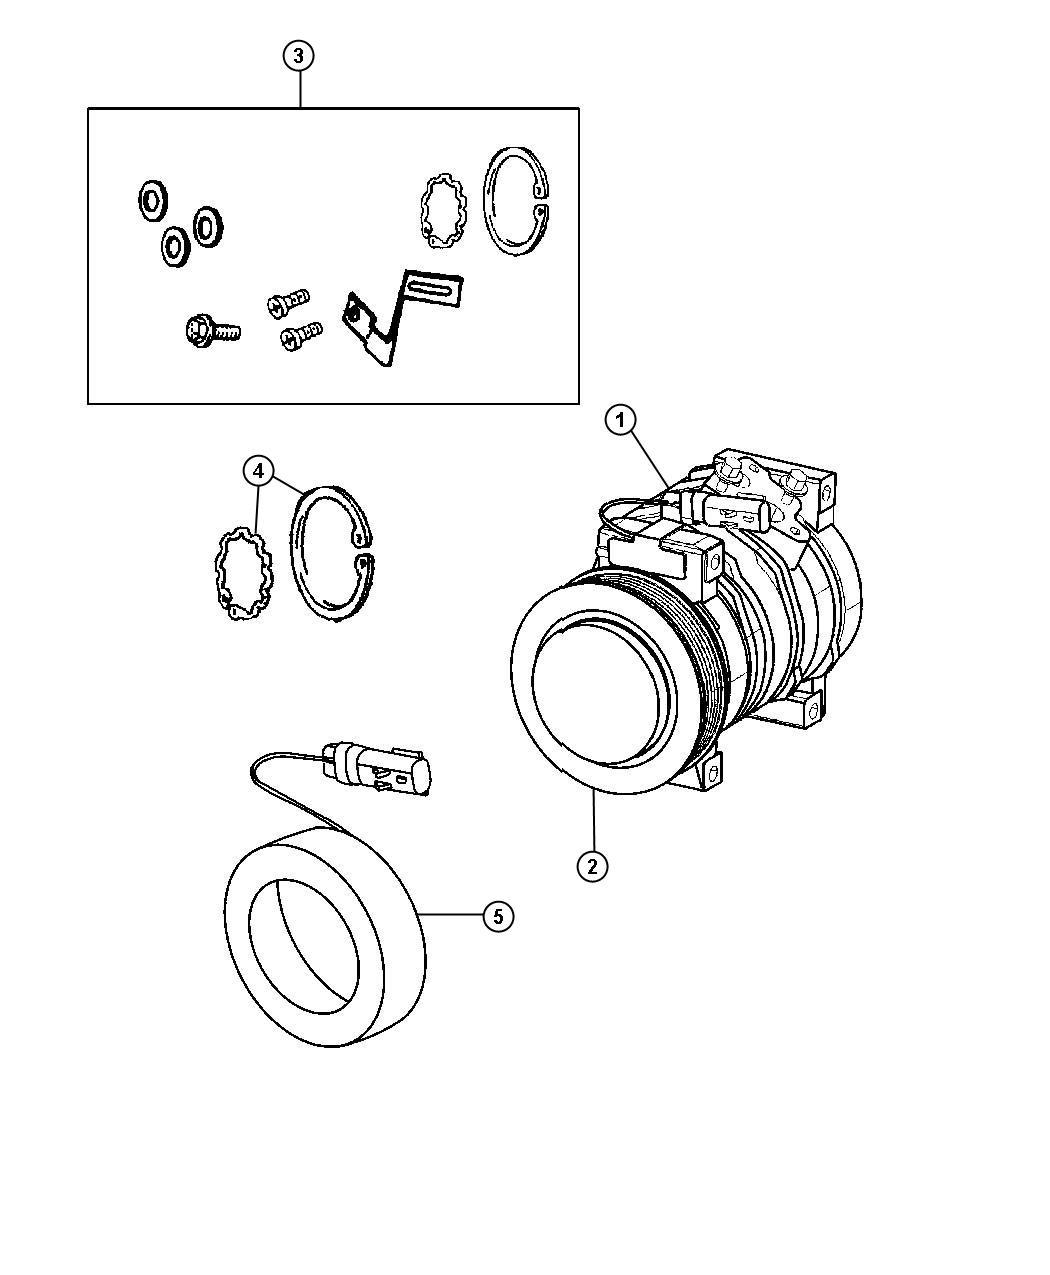 Dodge Viper Lubricant. A/c compressor, oil. 250ml, 75w90